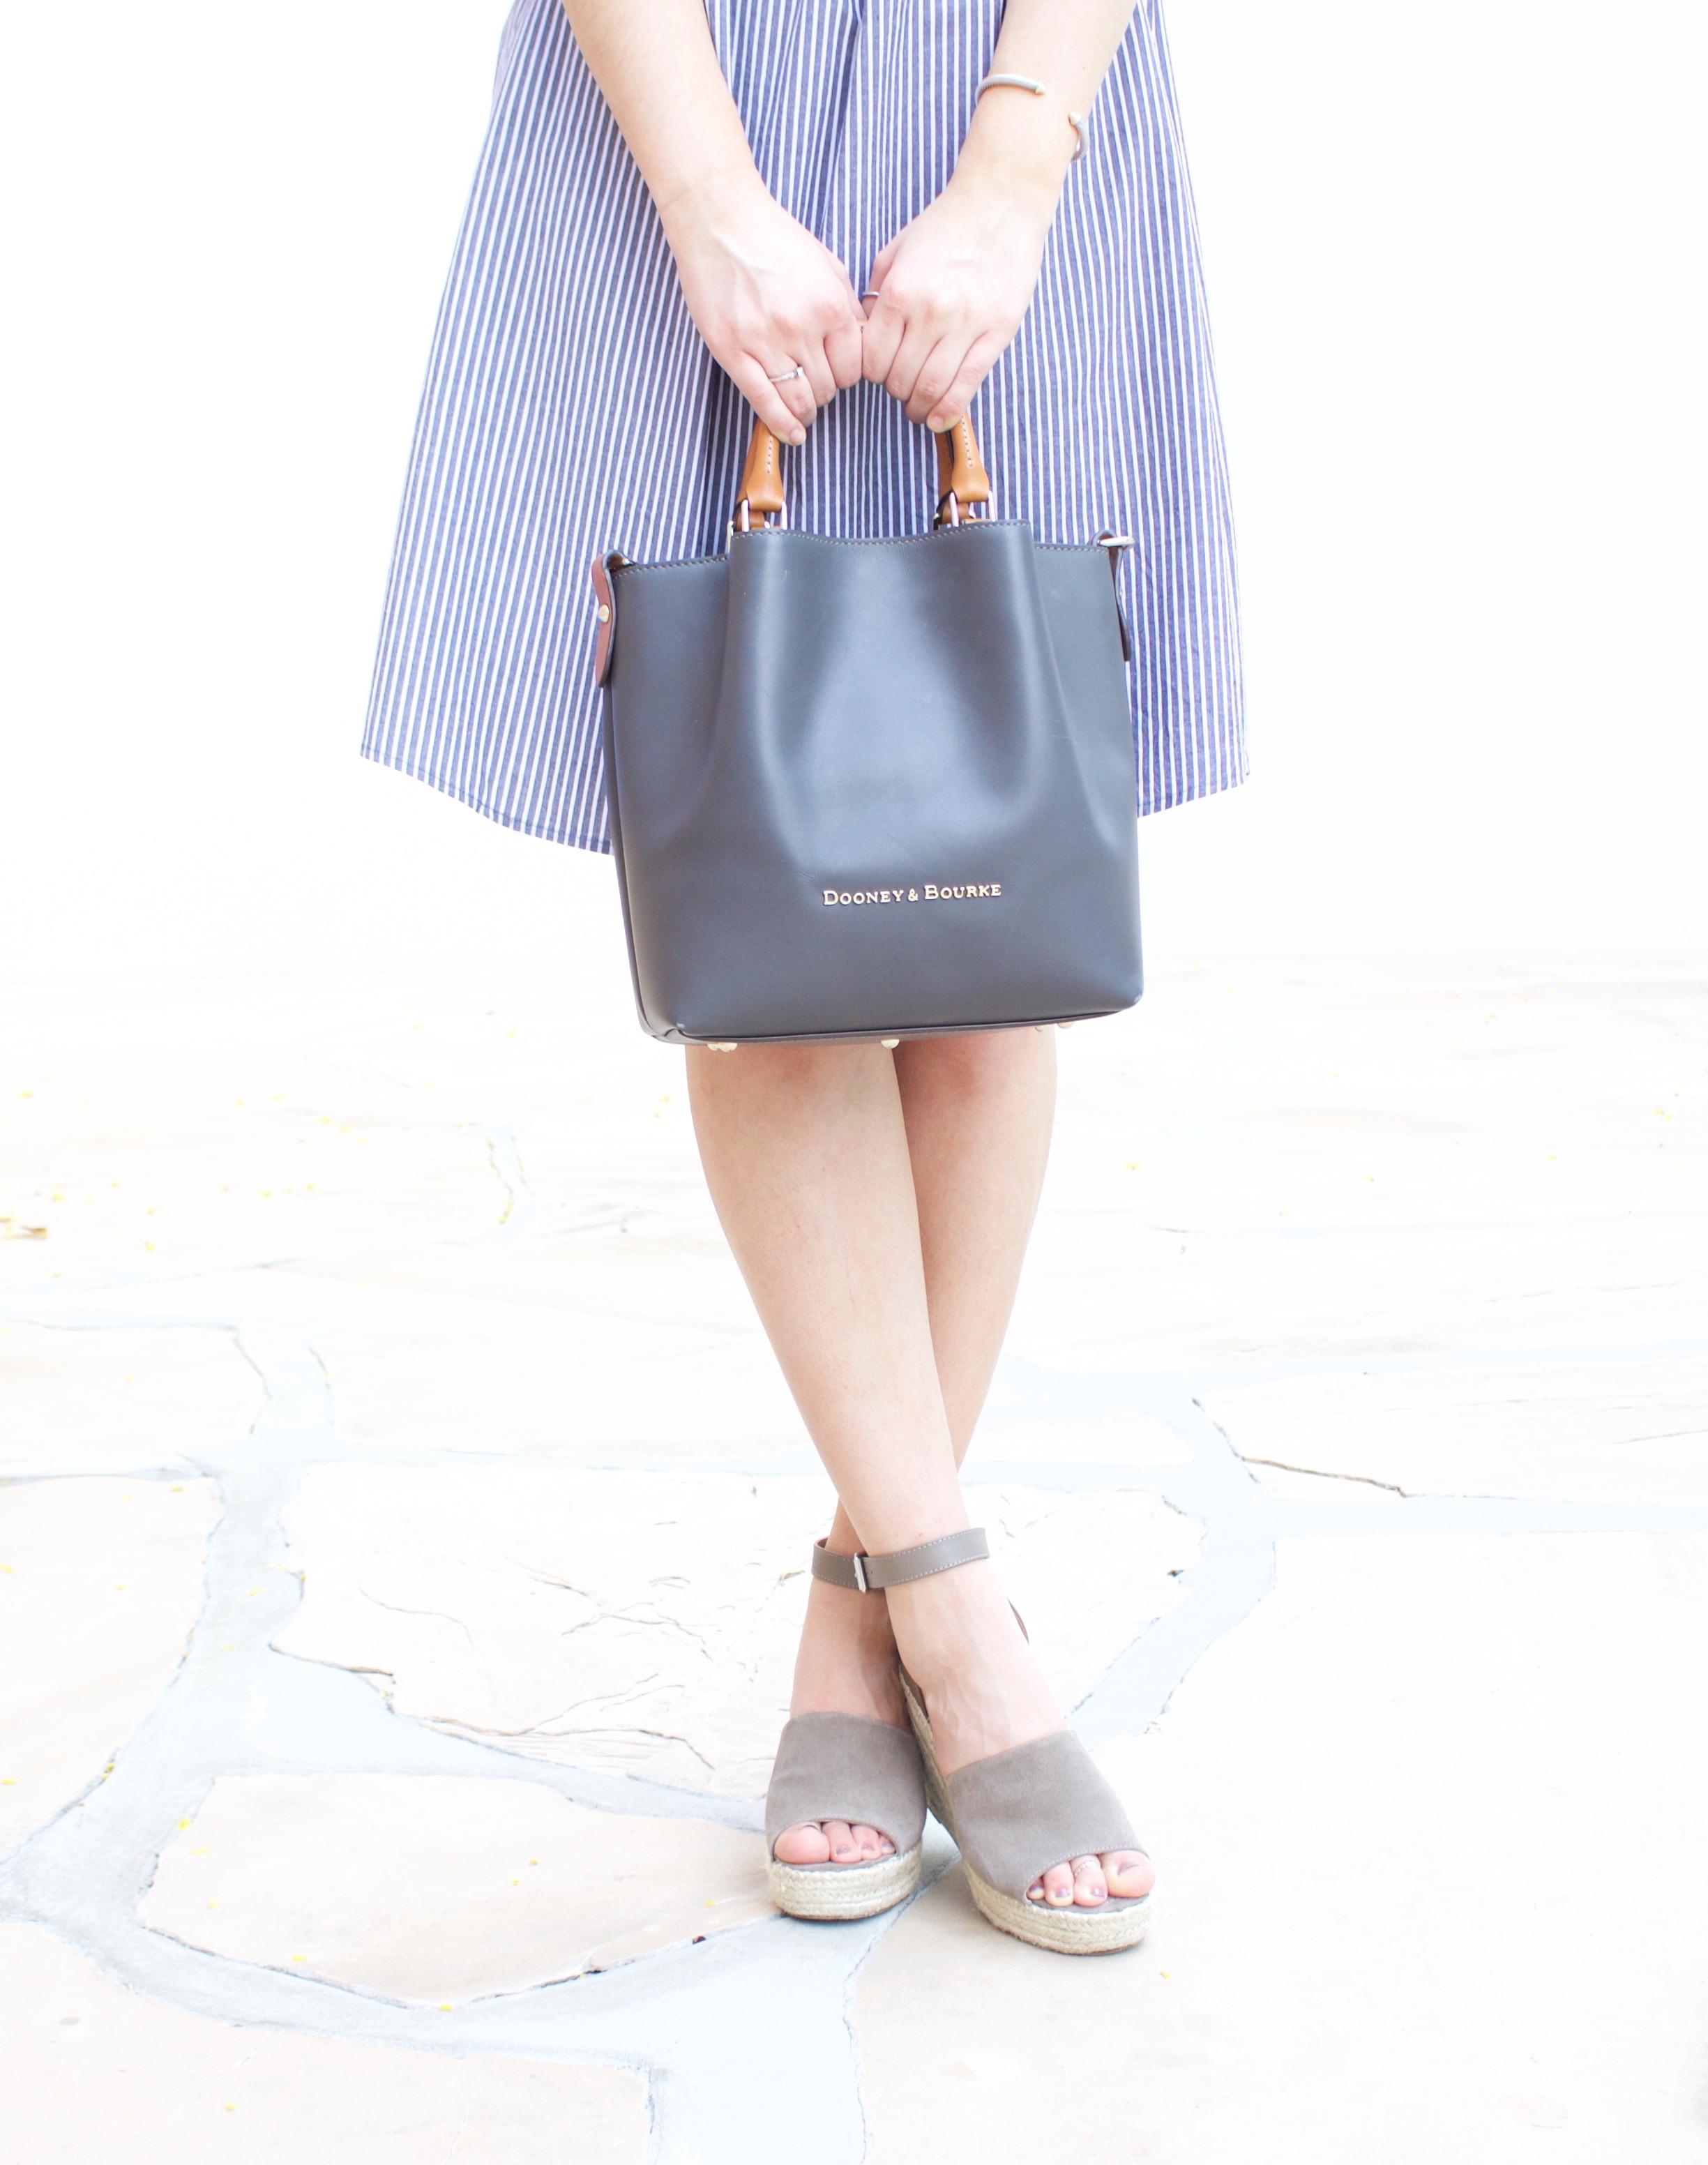 Summer purses